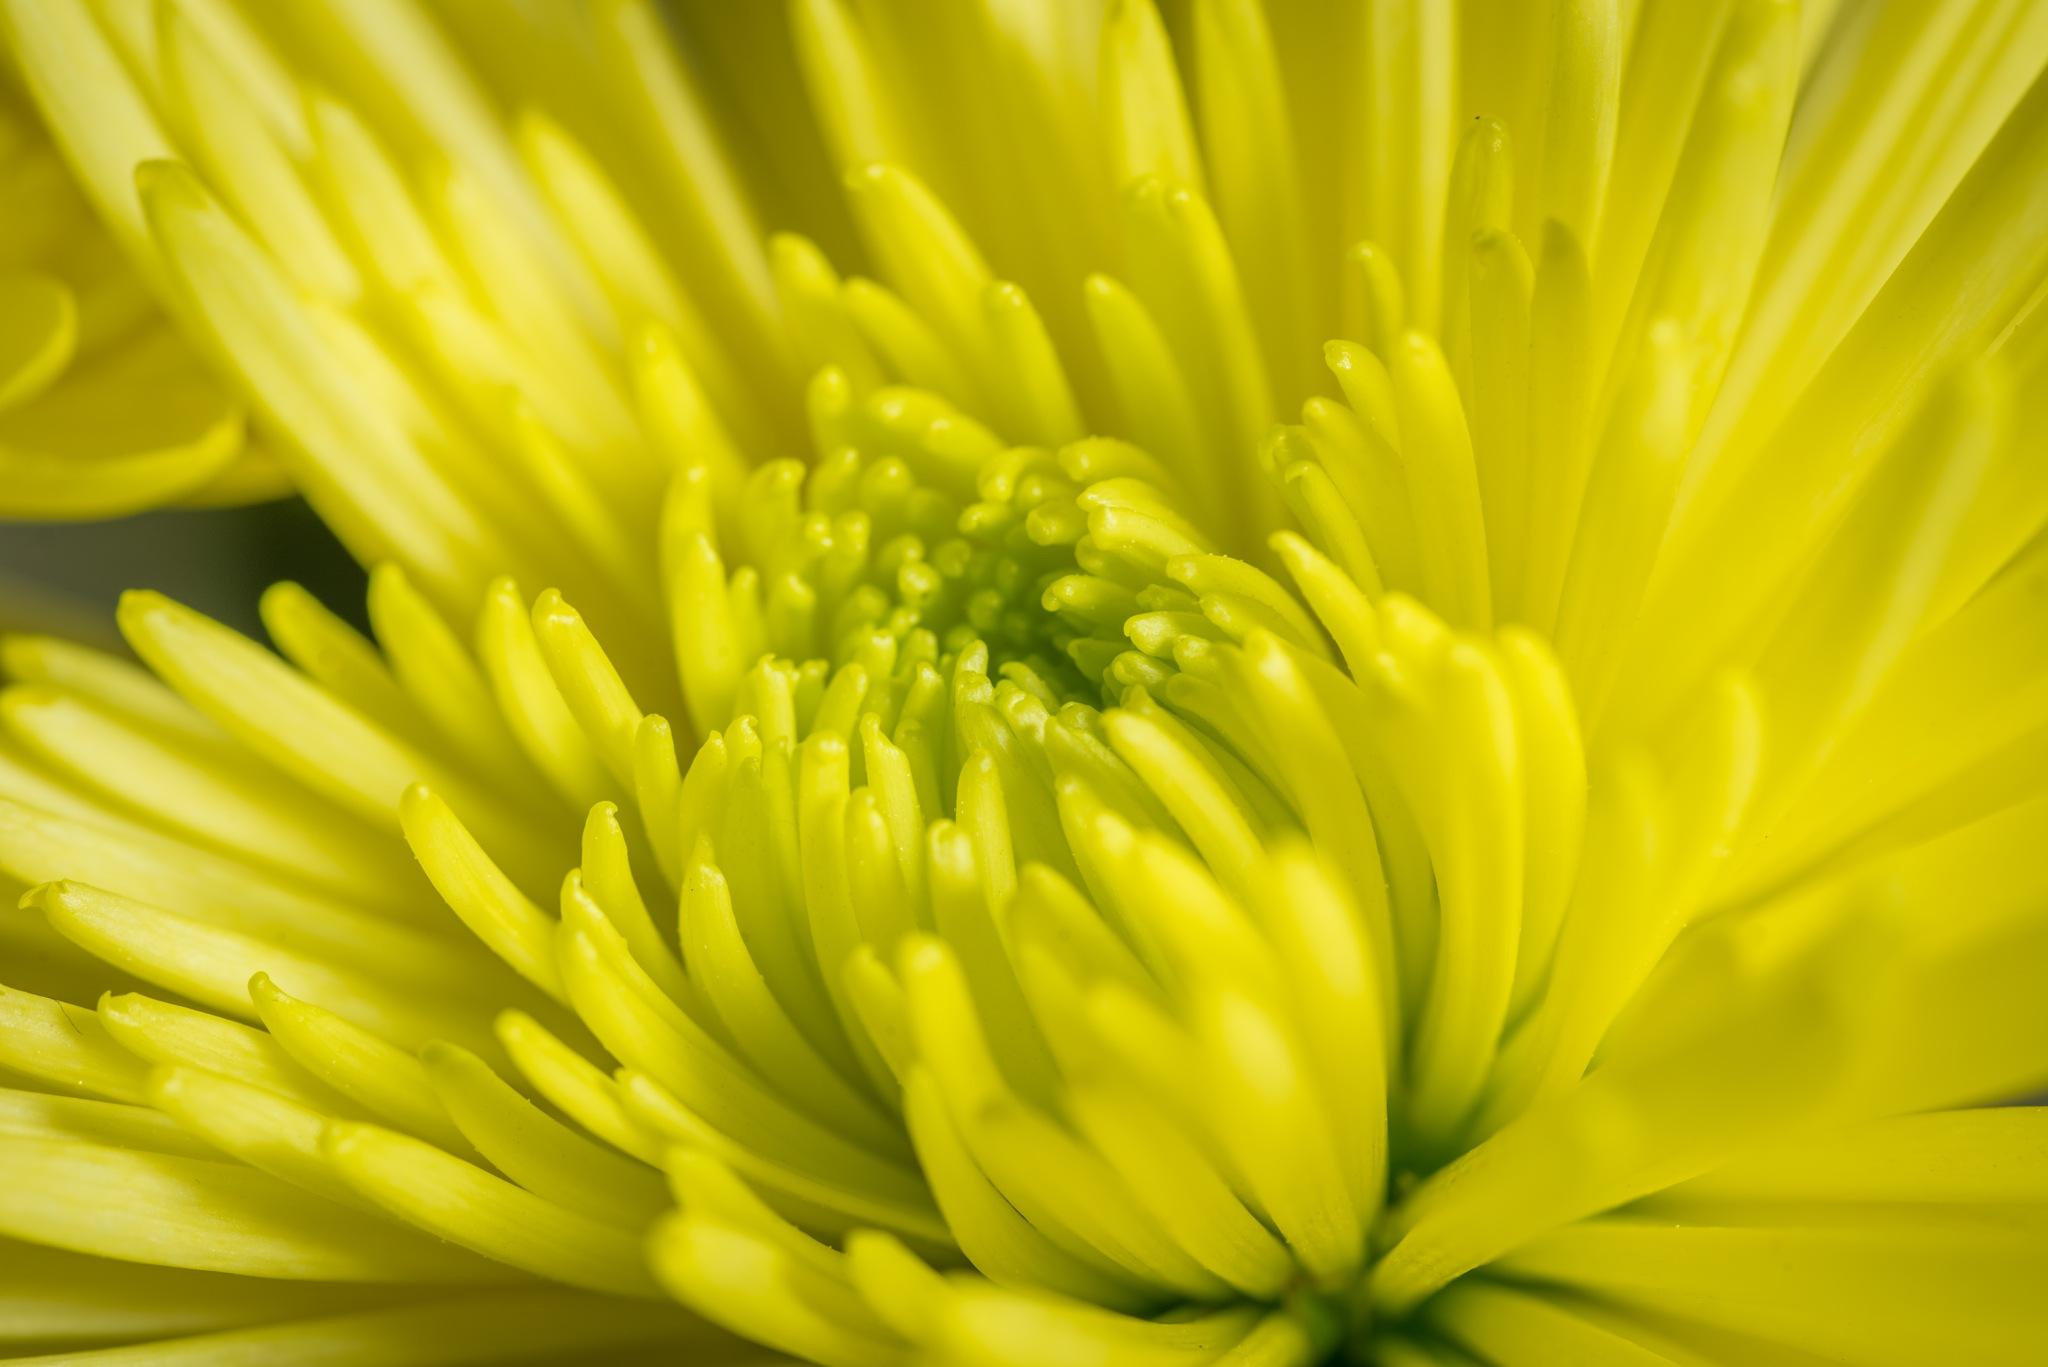 Yellow Flower by joel9498